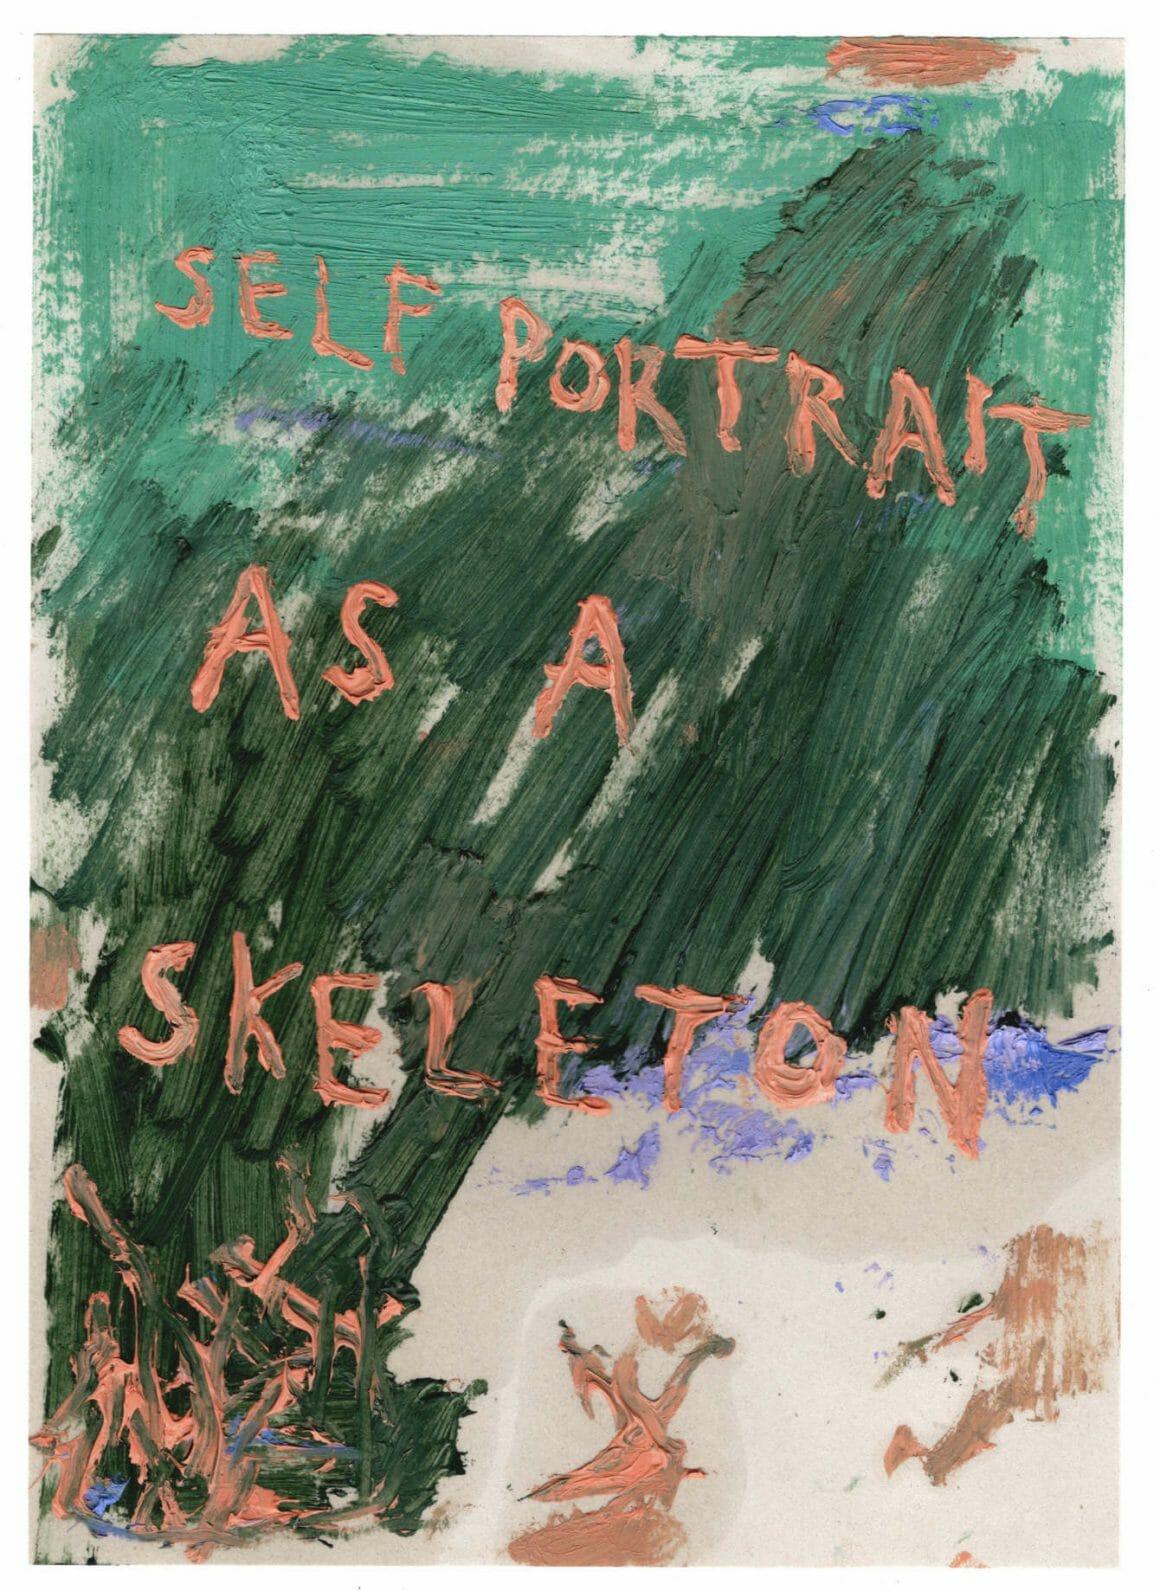 Self portrait is a skeleton